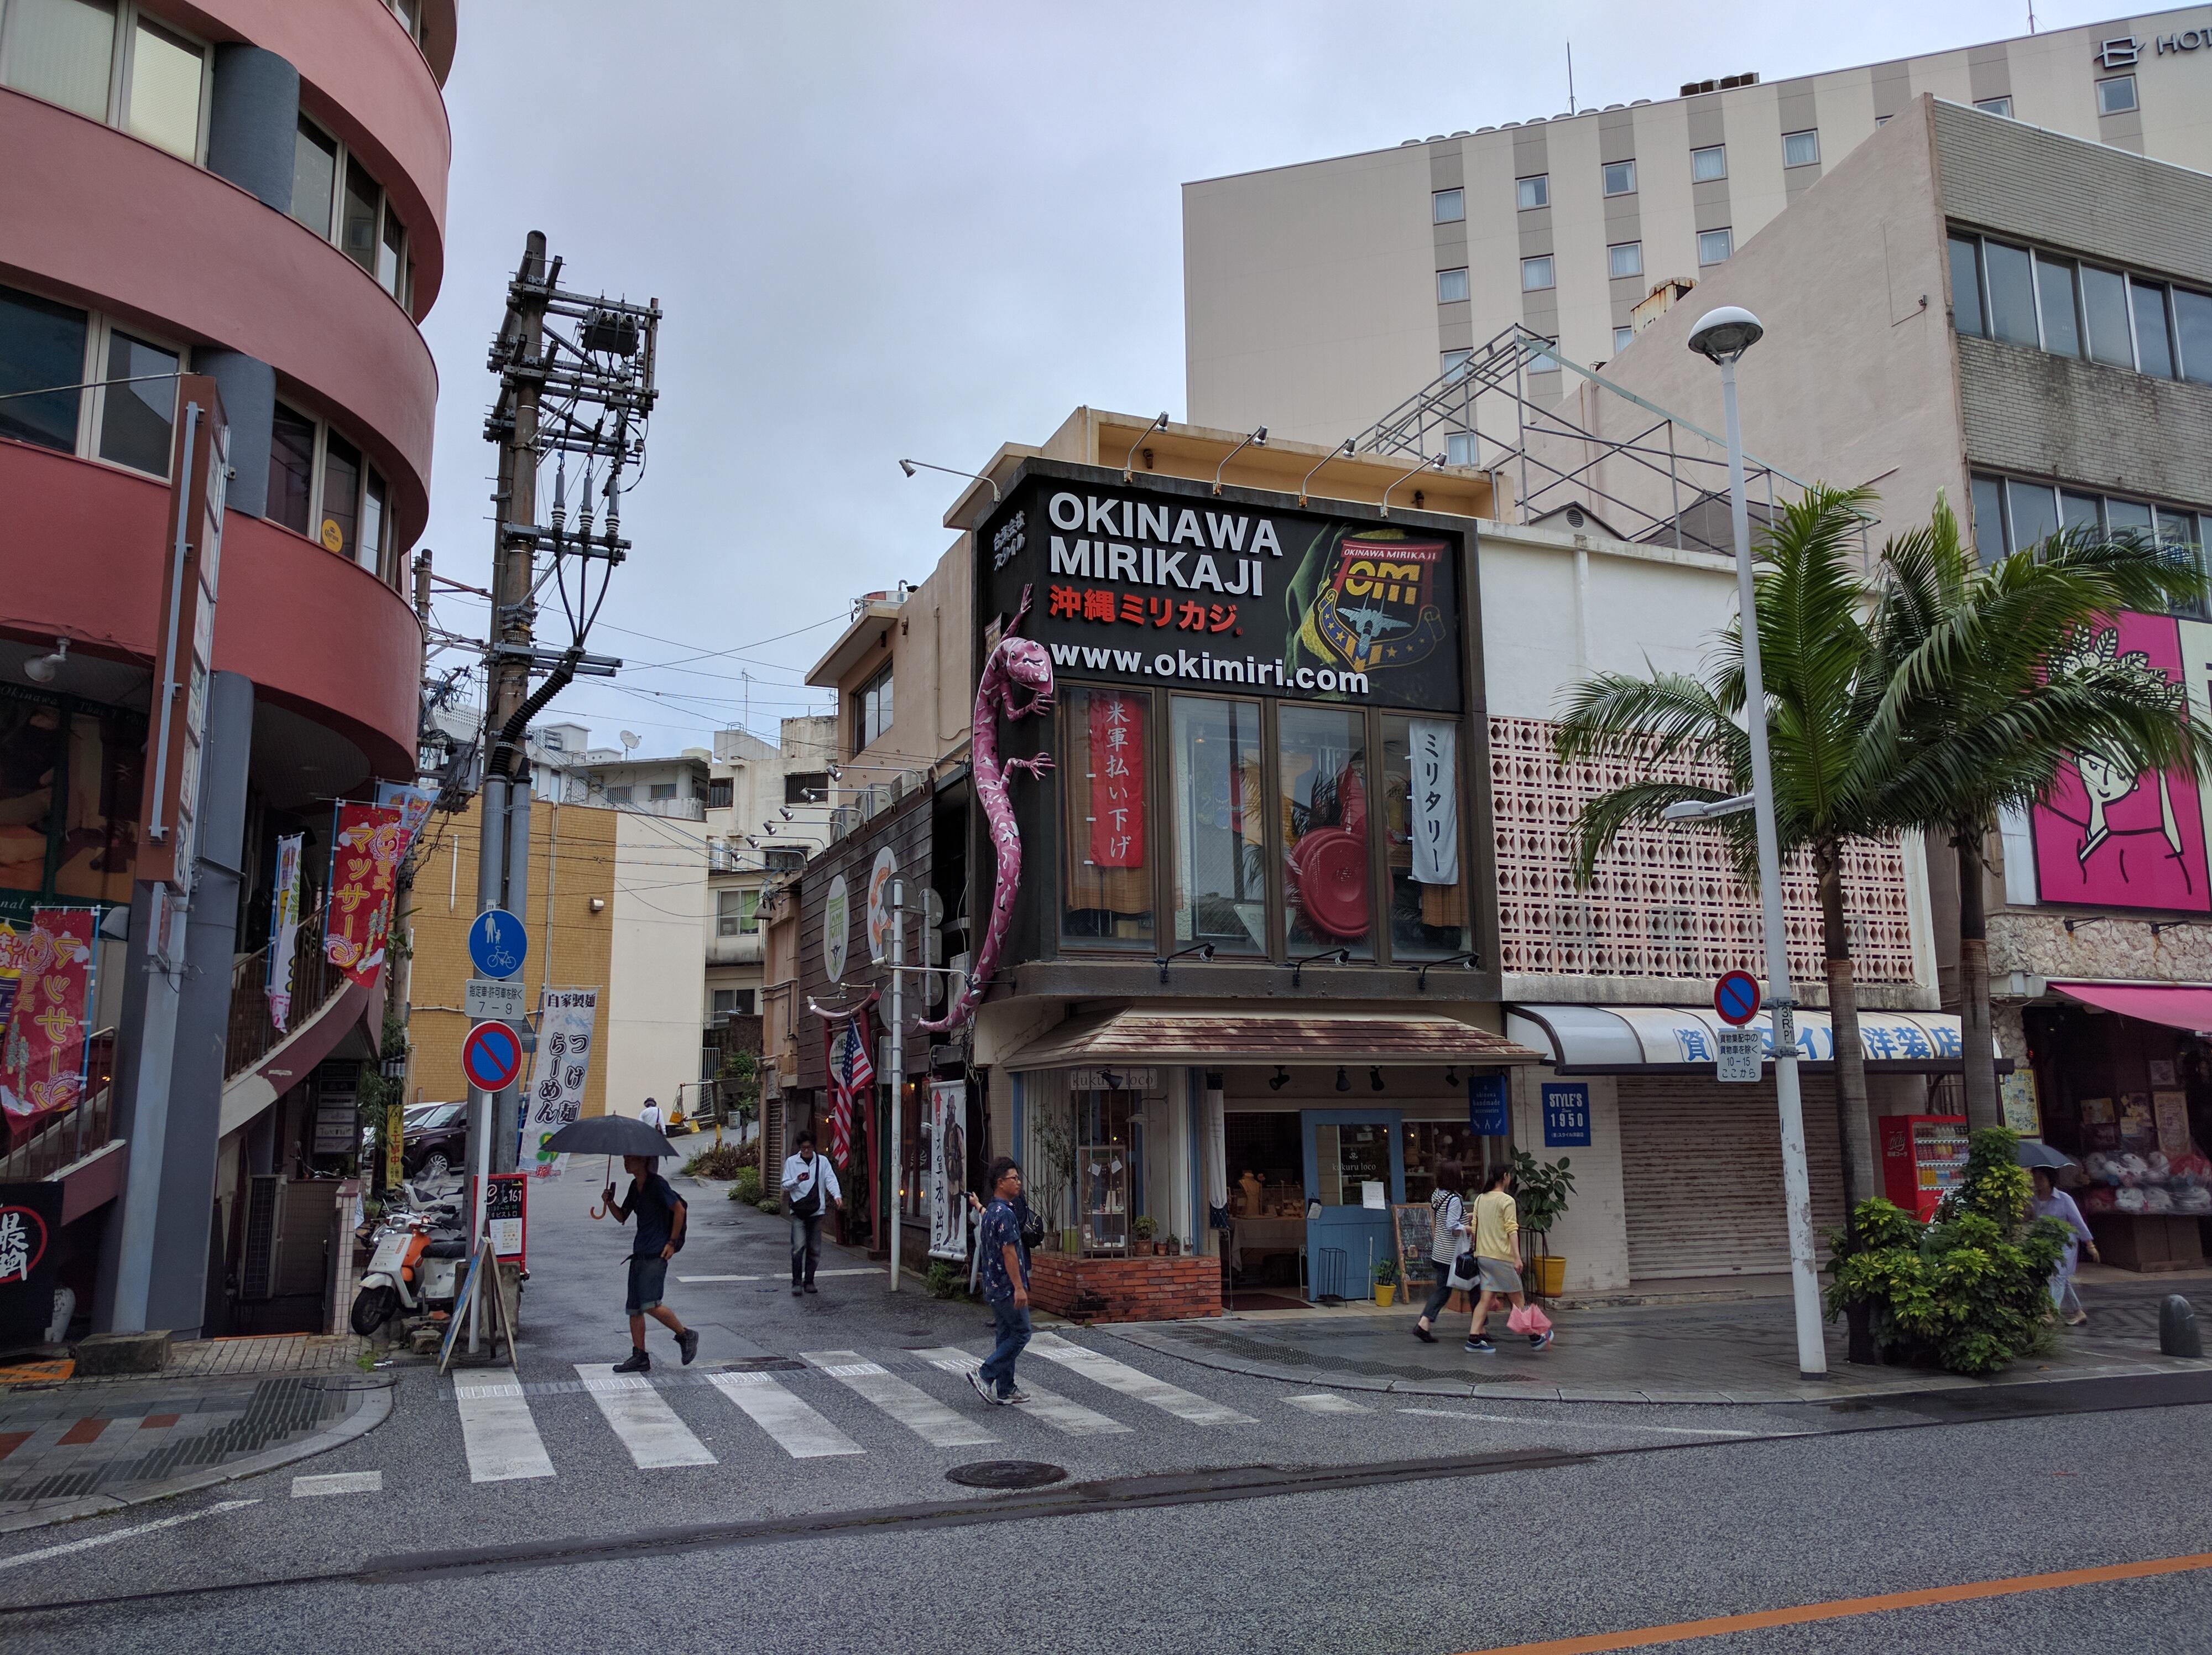 沖縄ミリカジ国際通り店レポート!日常使い可能な絶対買うべき便利アイテムとは?